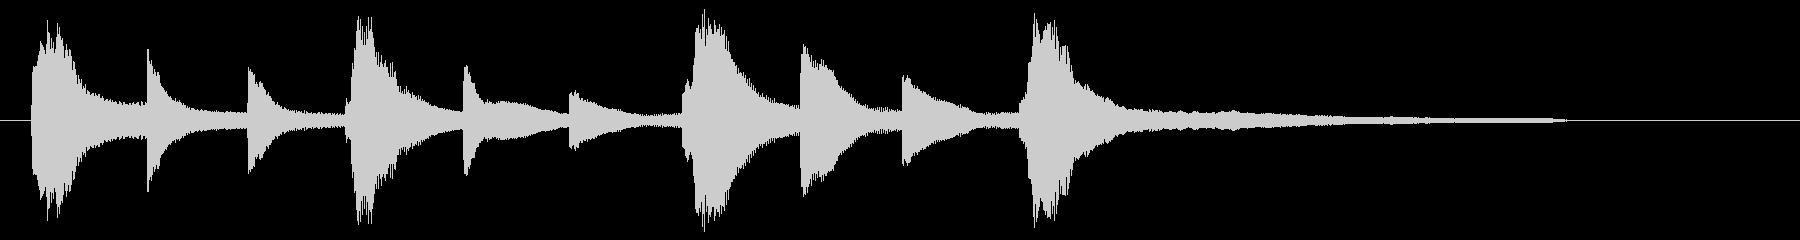 切なく暖かいピアノジングルの未再生の波形